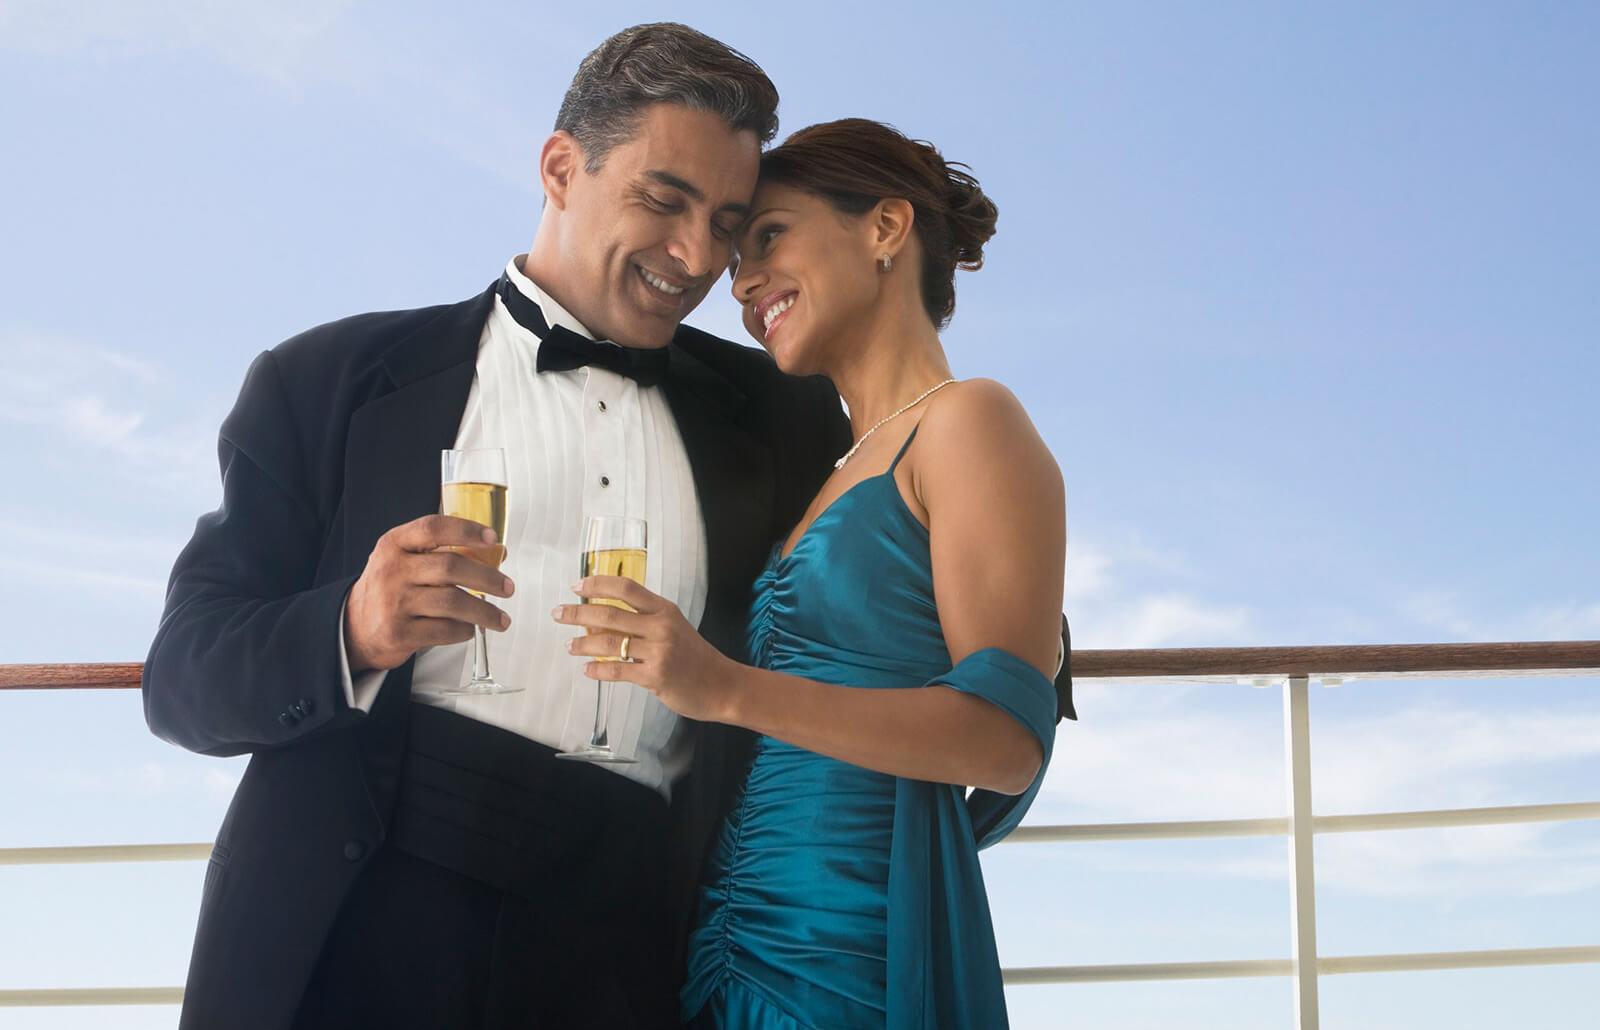 pareja-vestidos-formal.jpg